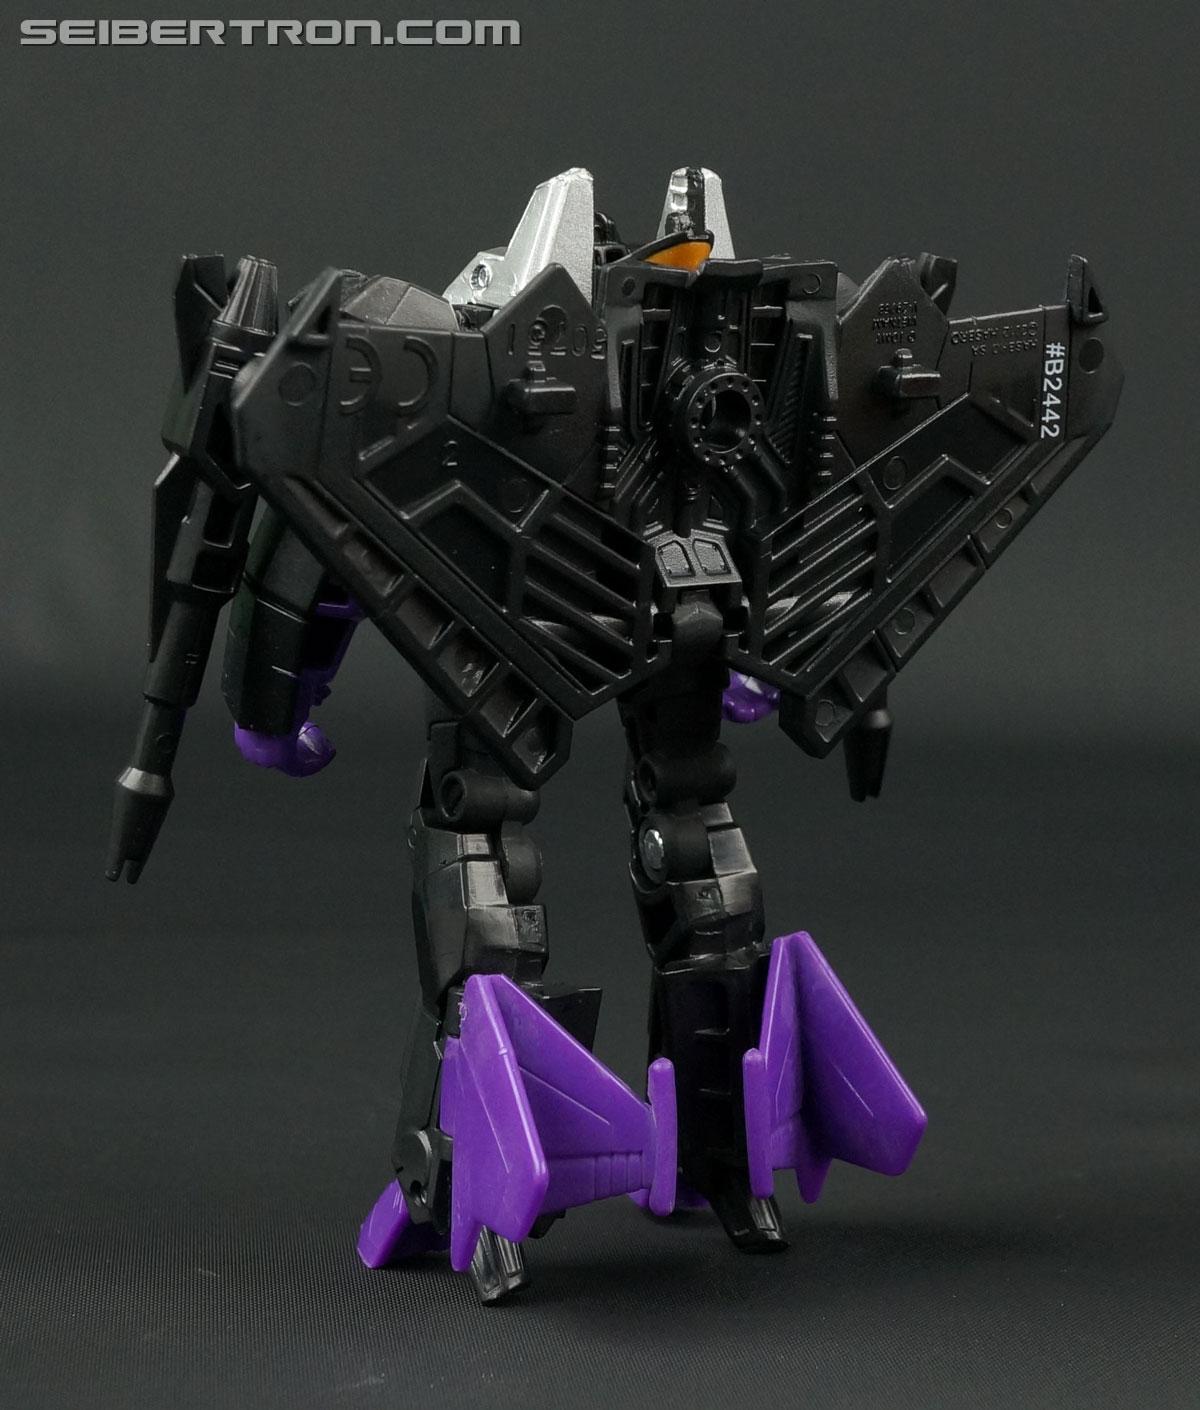 Transformers Generations Combiner Wars Skywarp (Image #55 of 105)